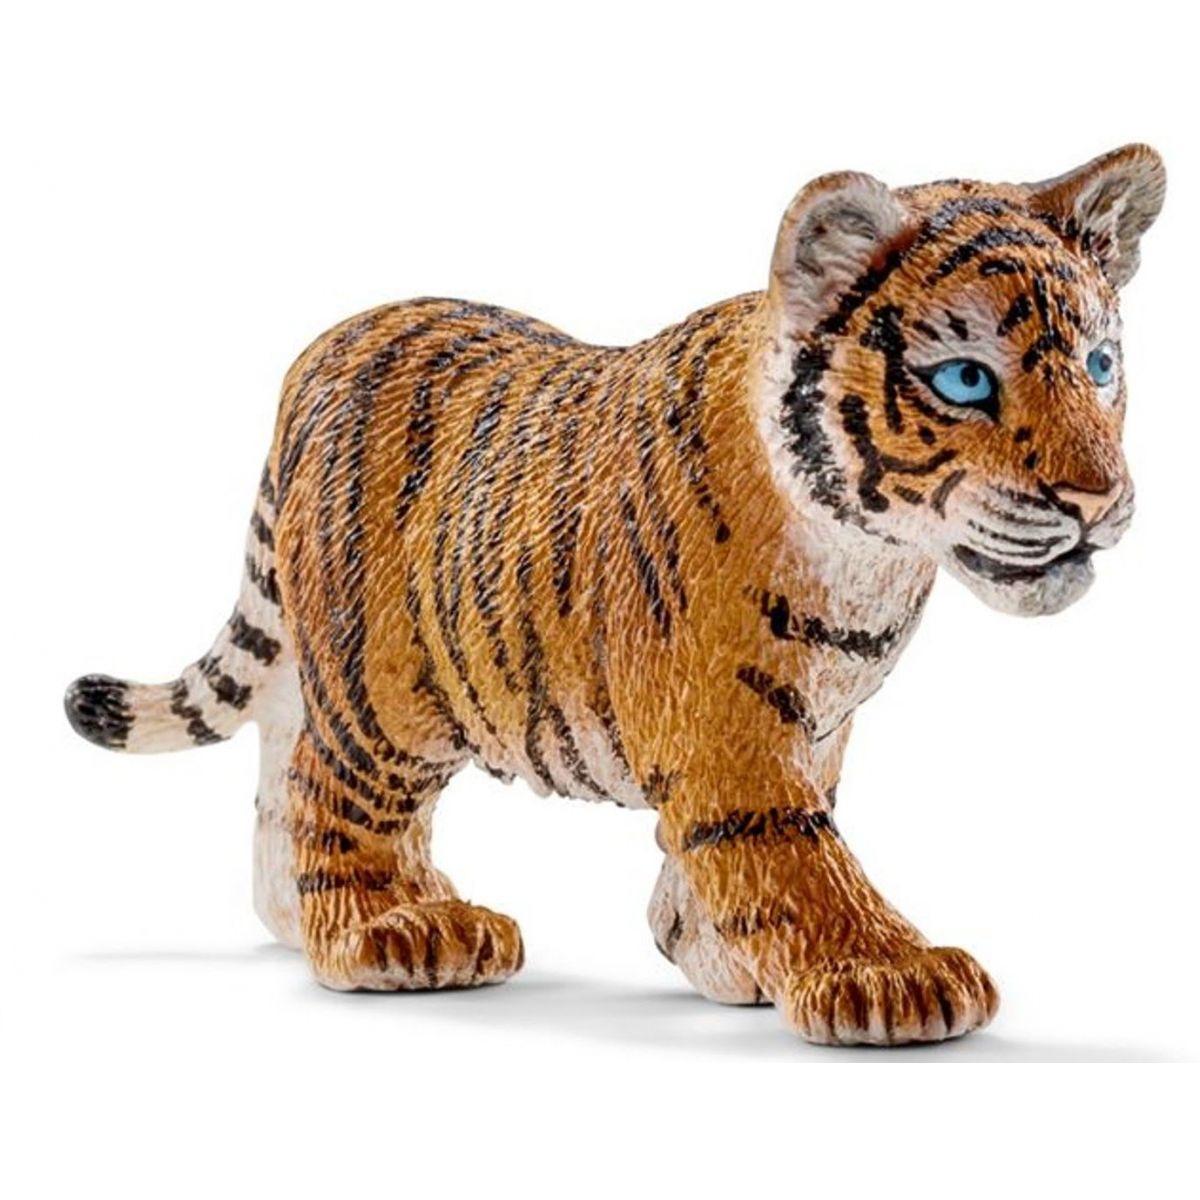 voda nie je bezpečným miestom pre mnoho zvierat pred hladným tigrom. Schleich je popredná firma vyrábajúca kvalitné realistické modely divokých